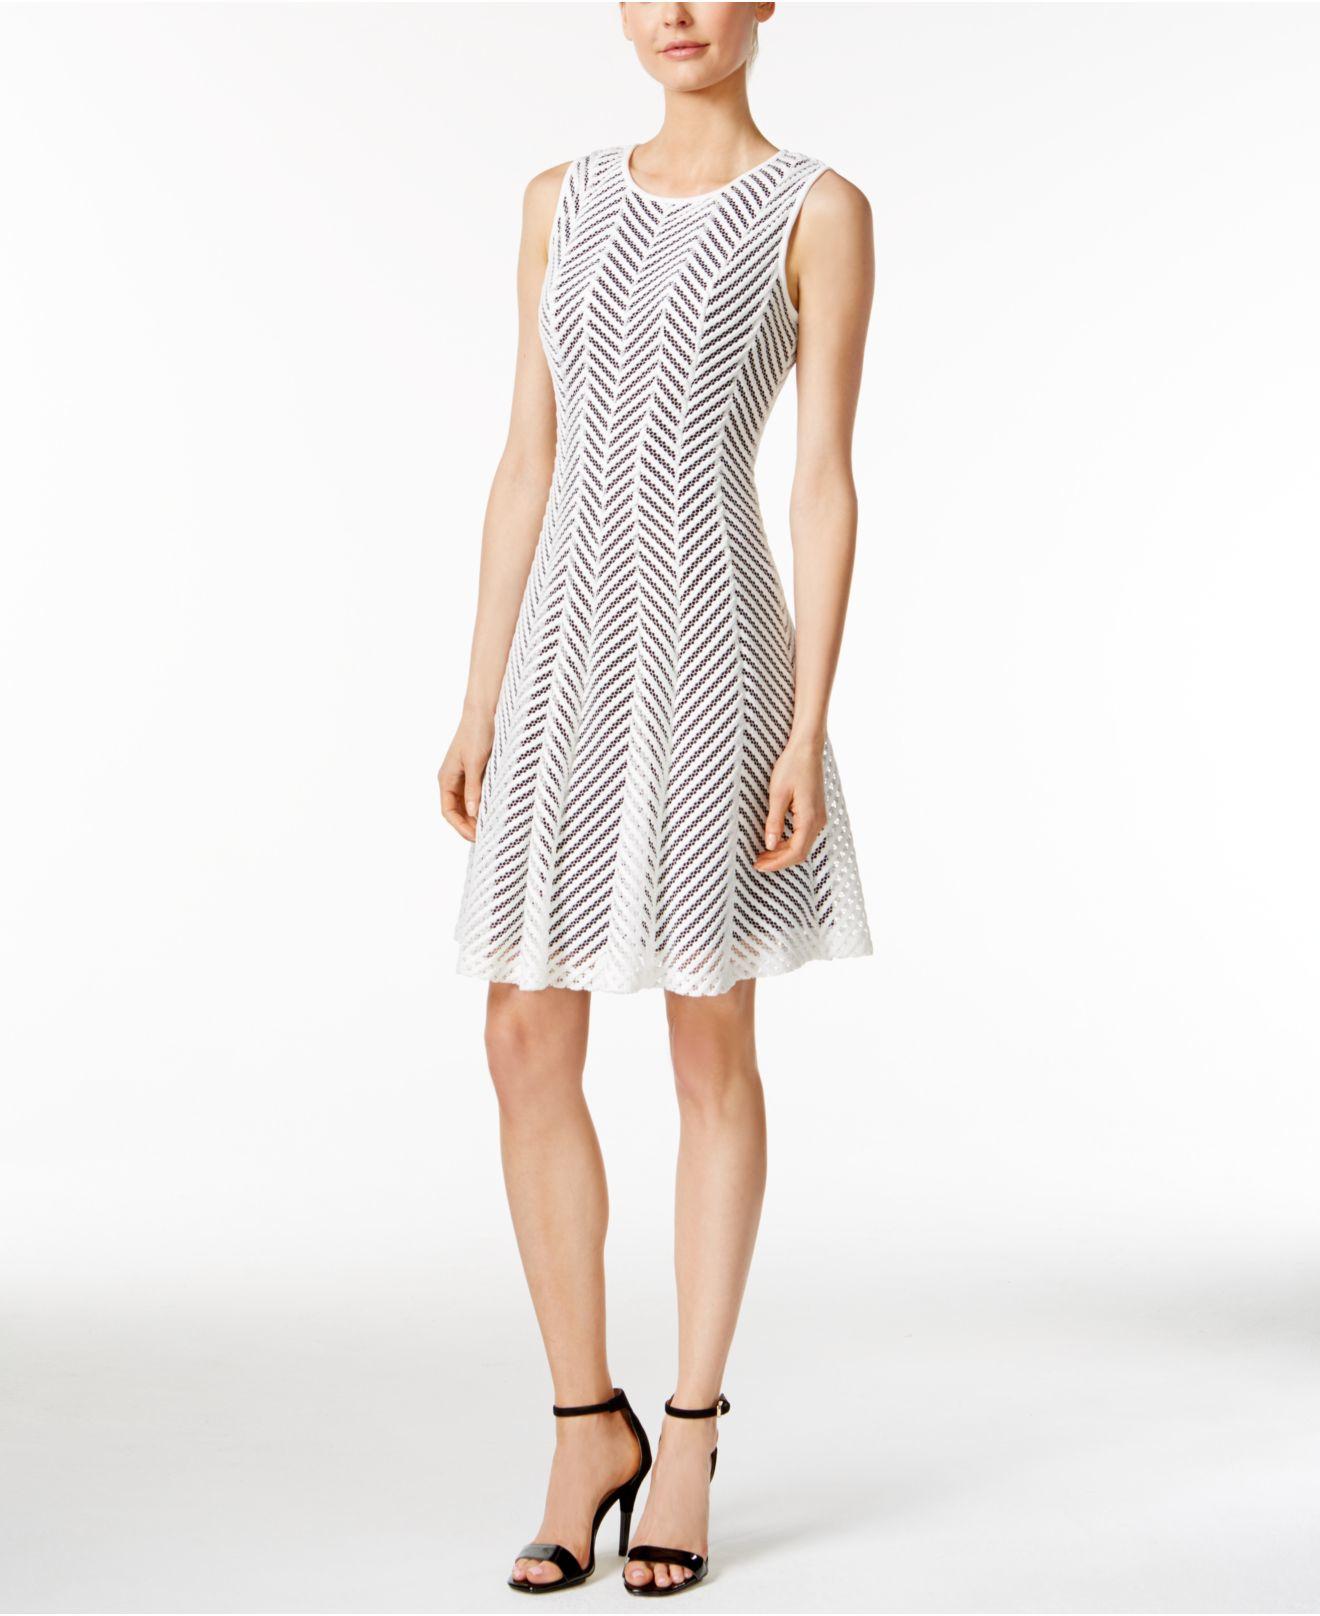 Calvin Klein Sleeveless Mesh Fit Amp Flare Dress In White Lyst